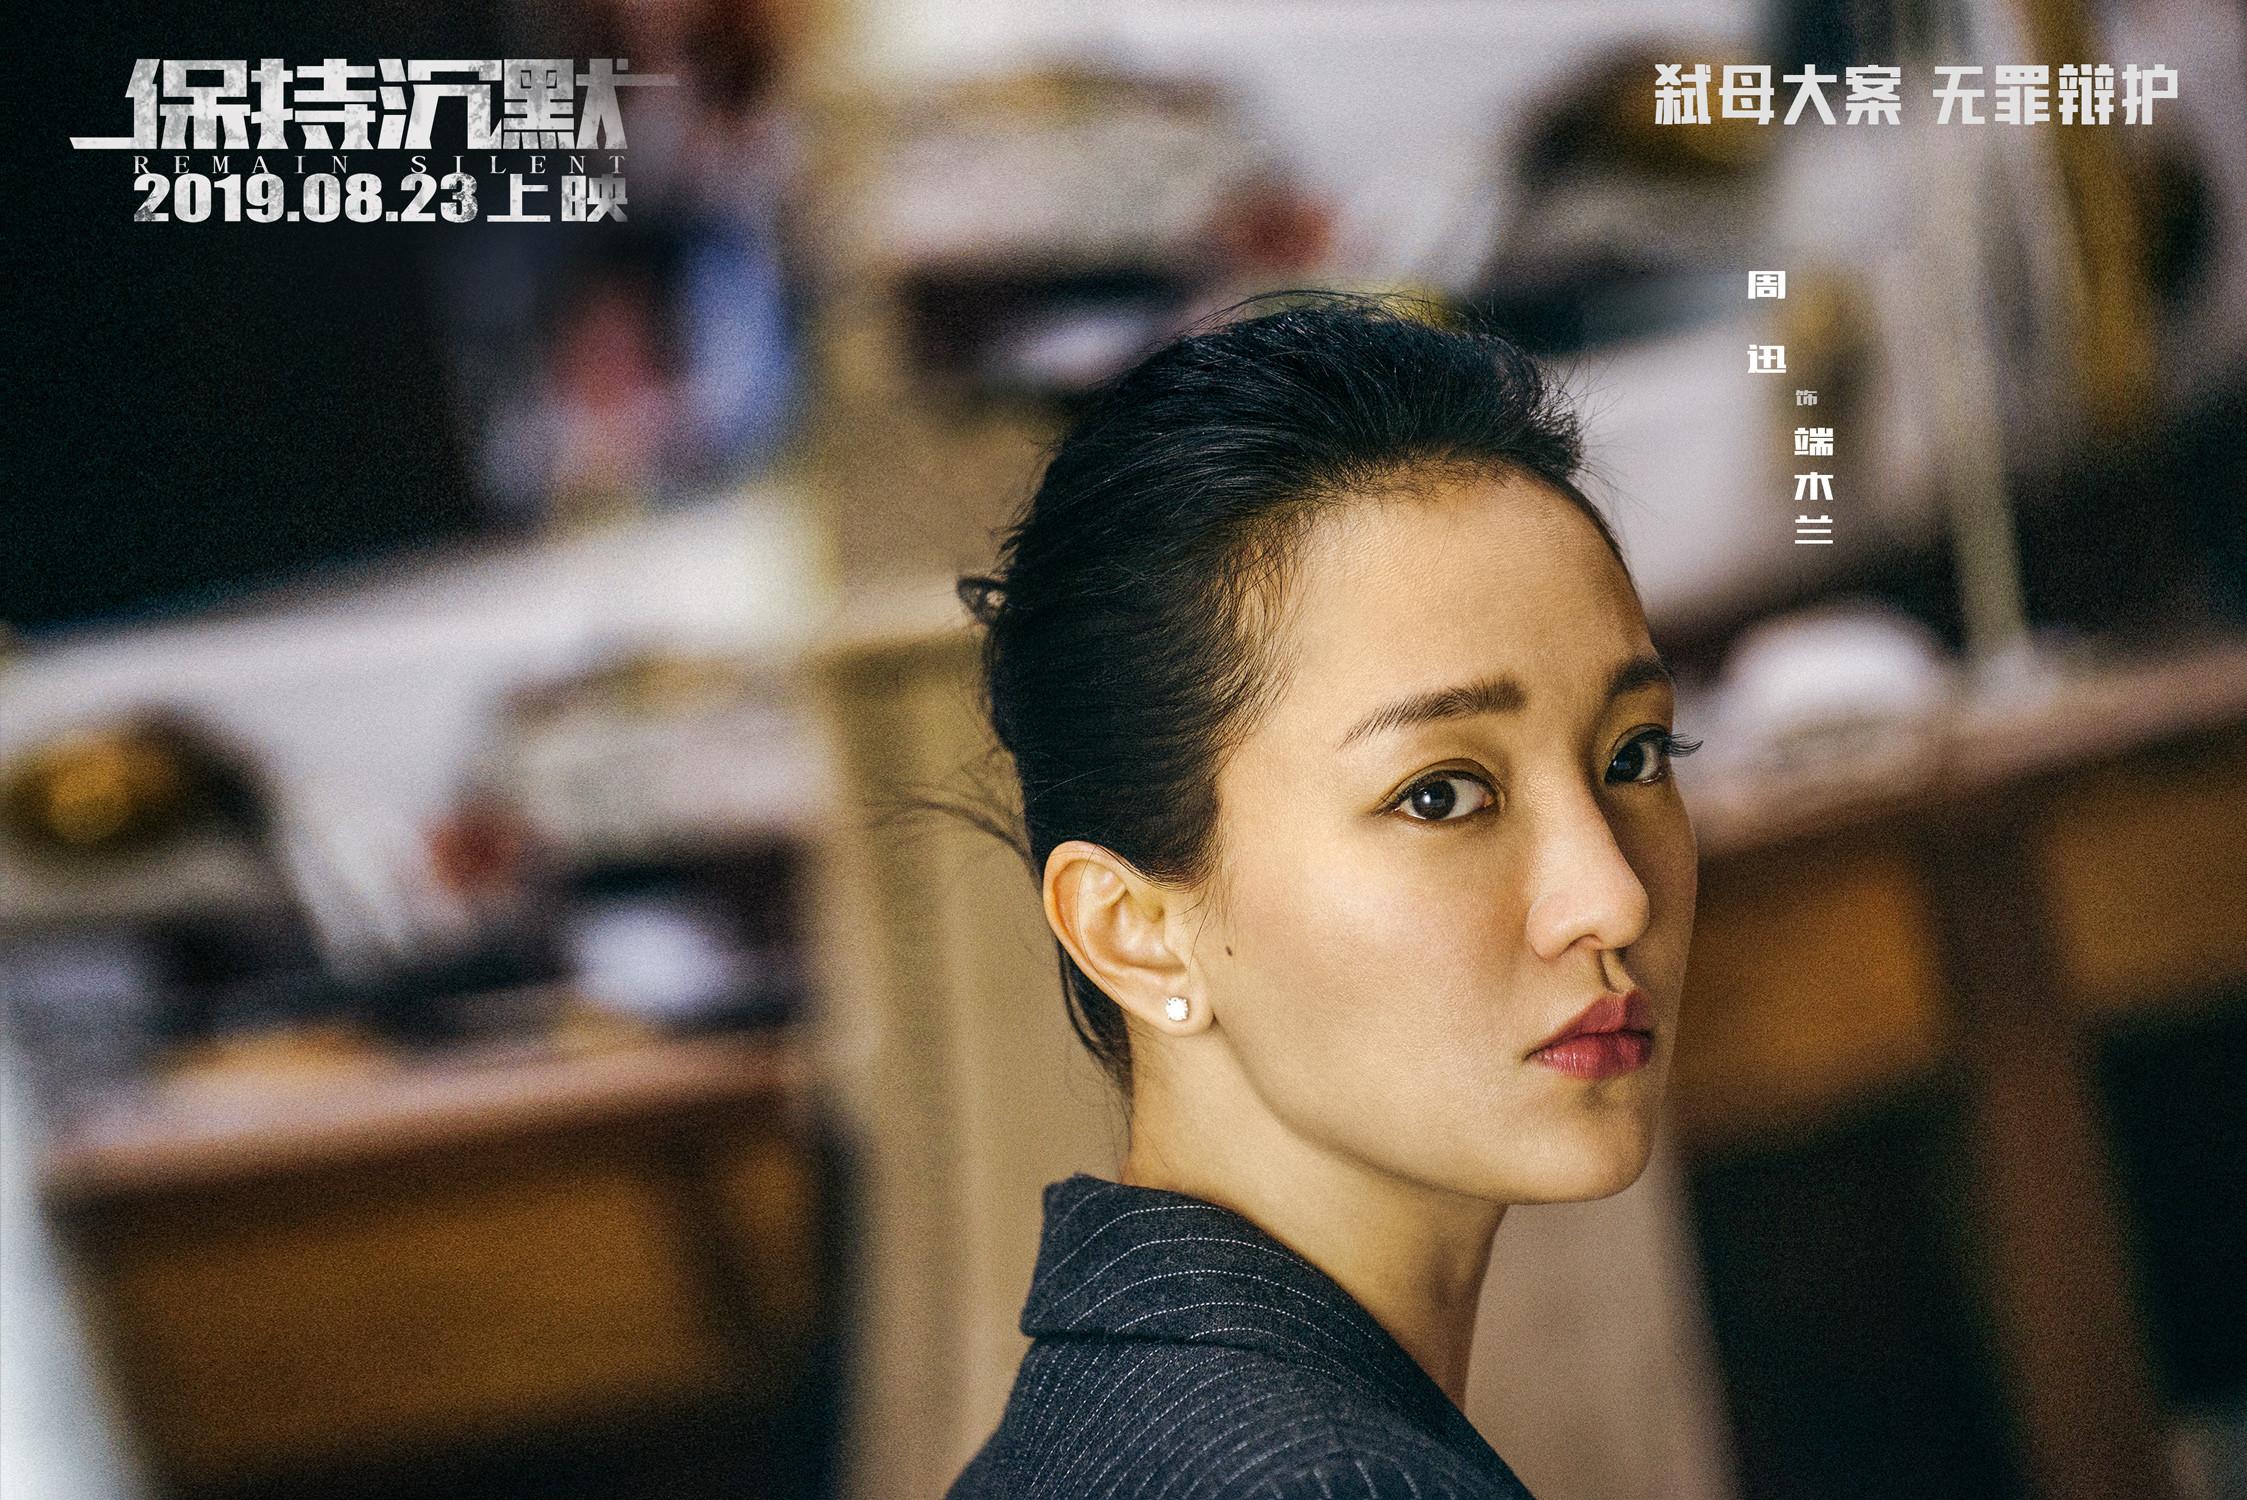 """悬疑电影《保持沉默》曝全阵容,8月23日揭晓为何变成""""弑母""""大案?"""